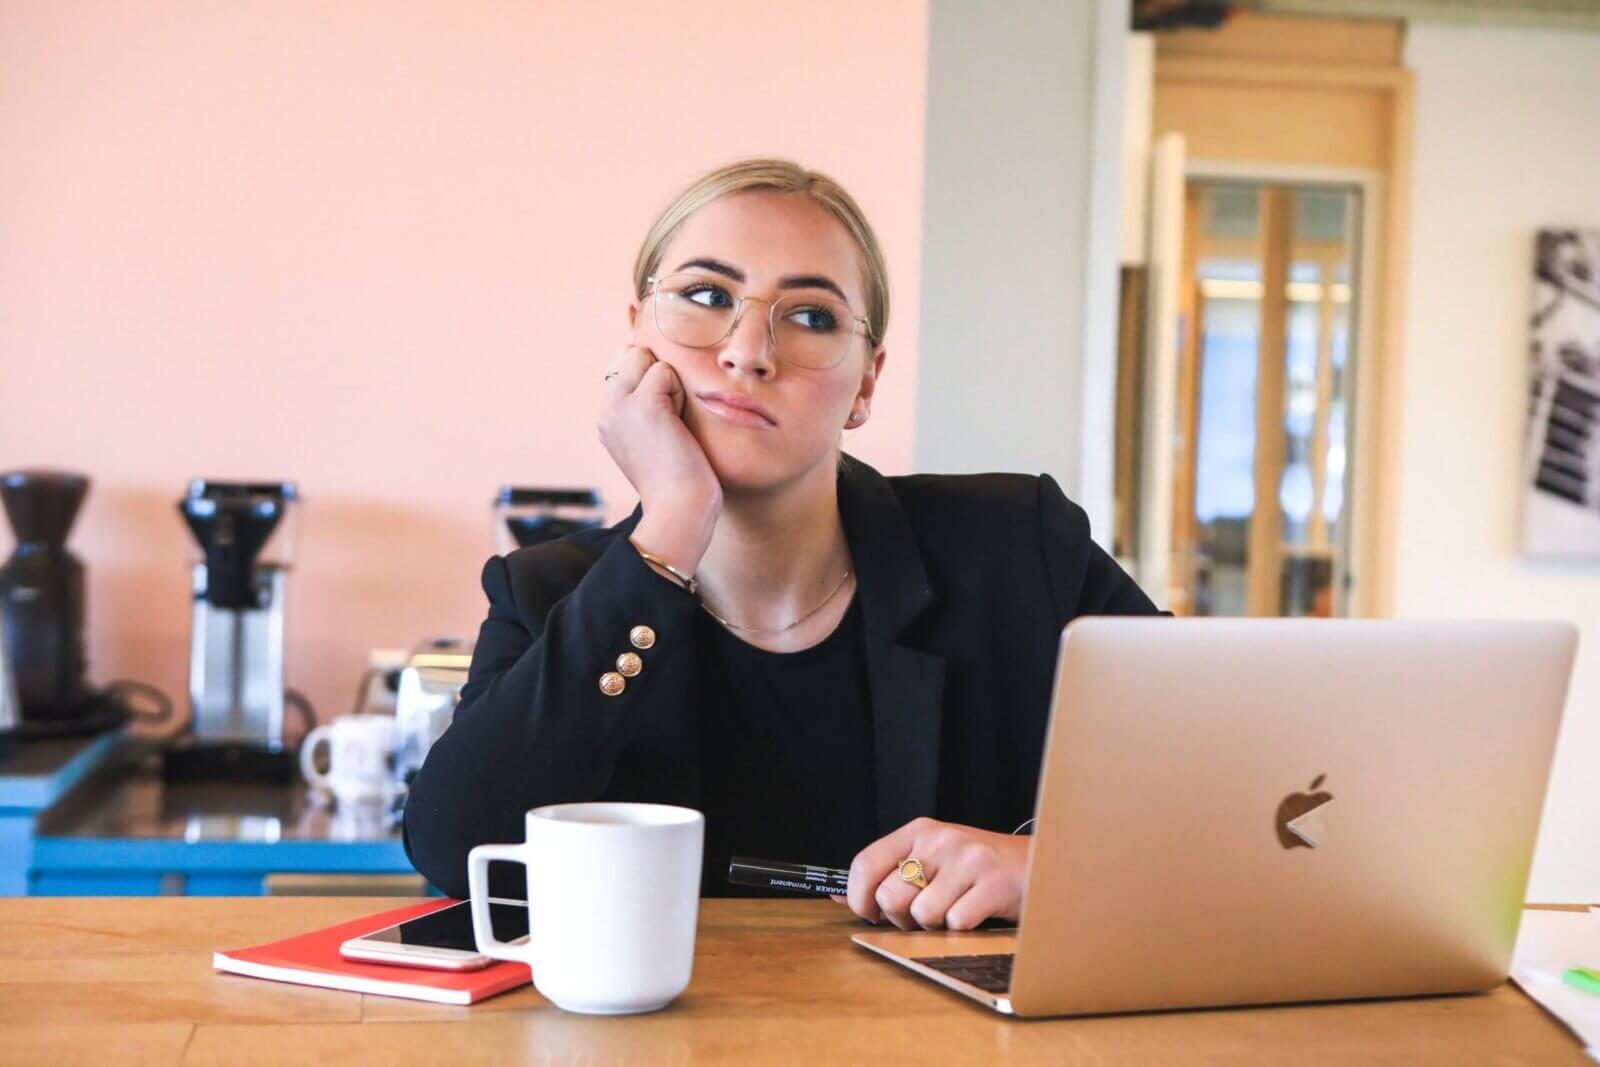 Как найти работу без опыта: по специальности + советы + варианты